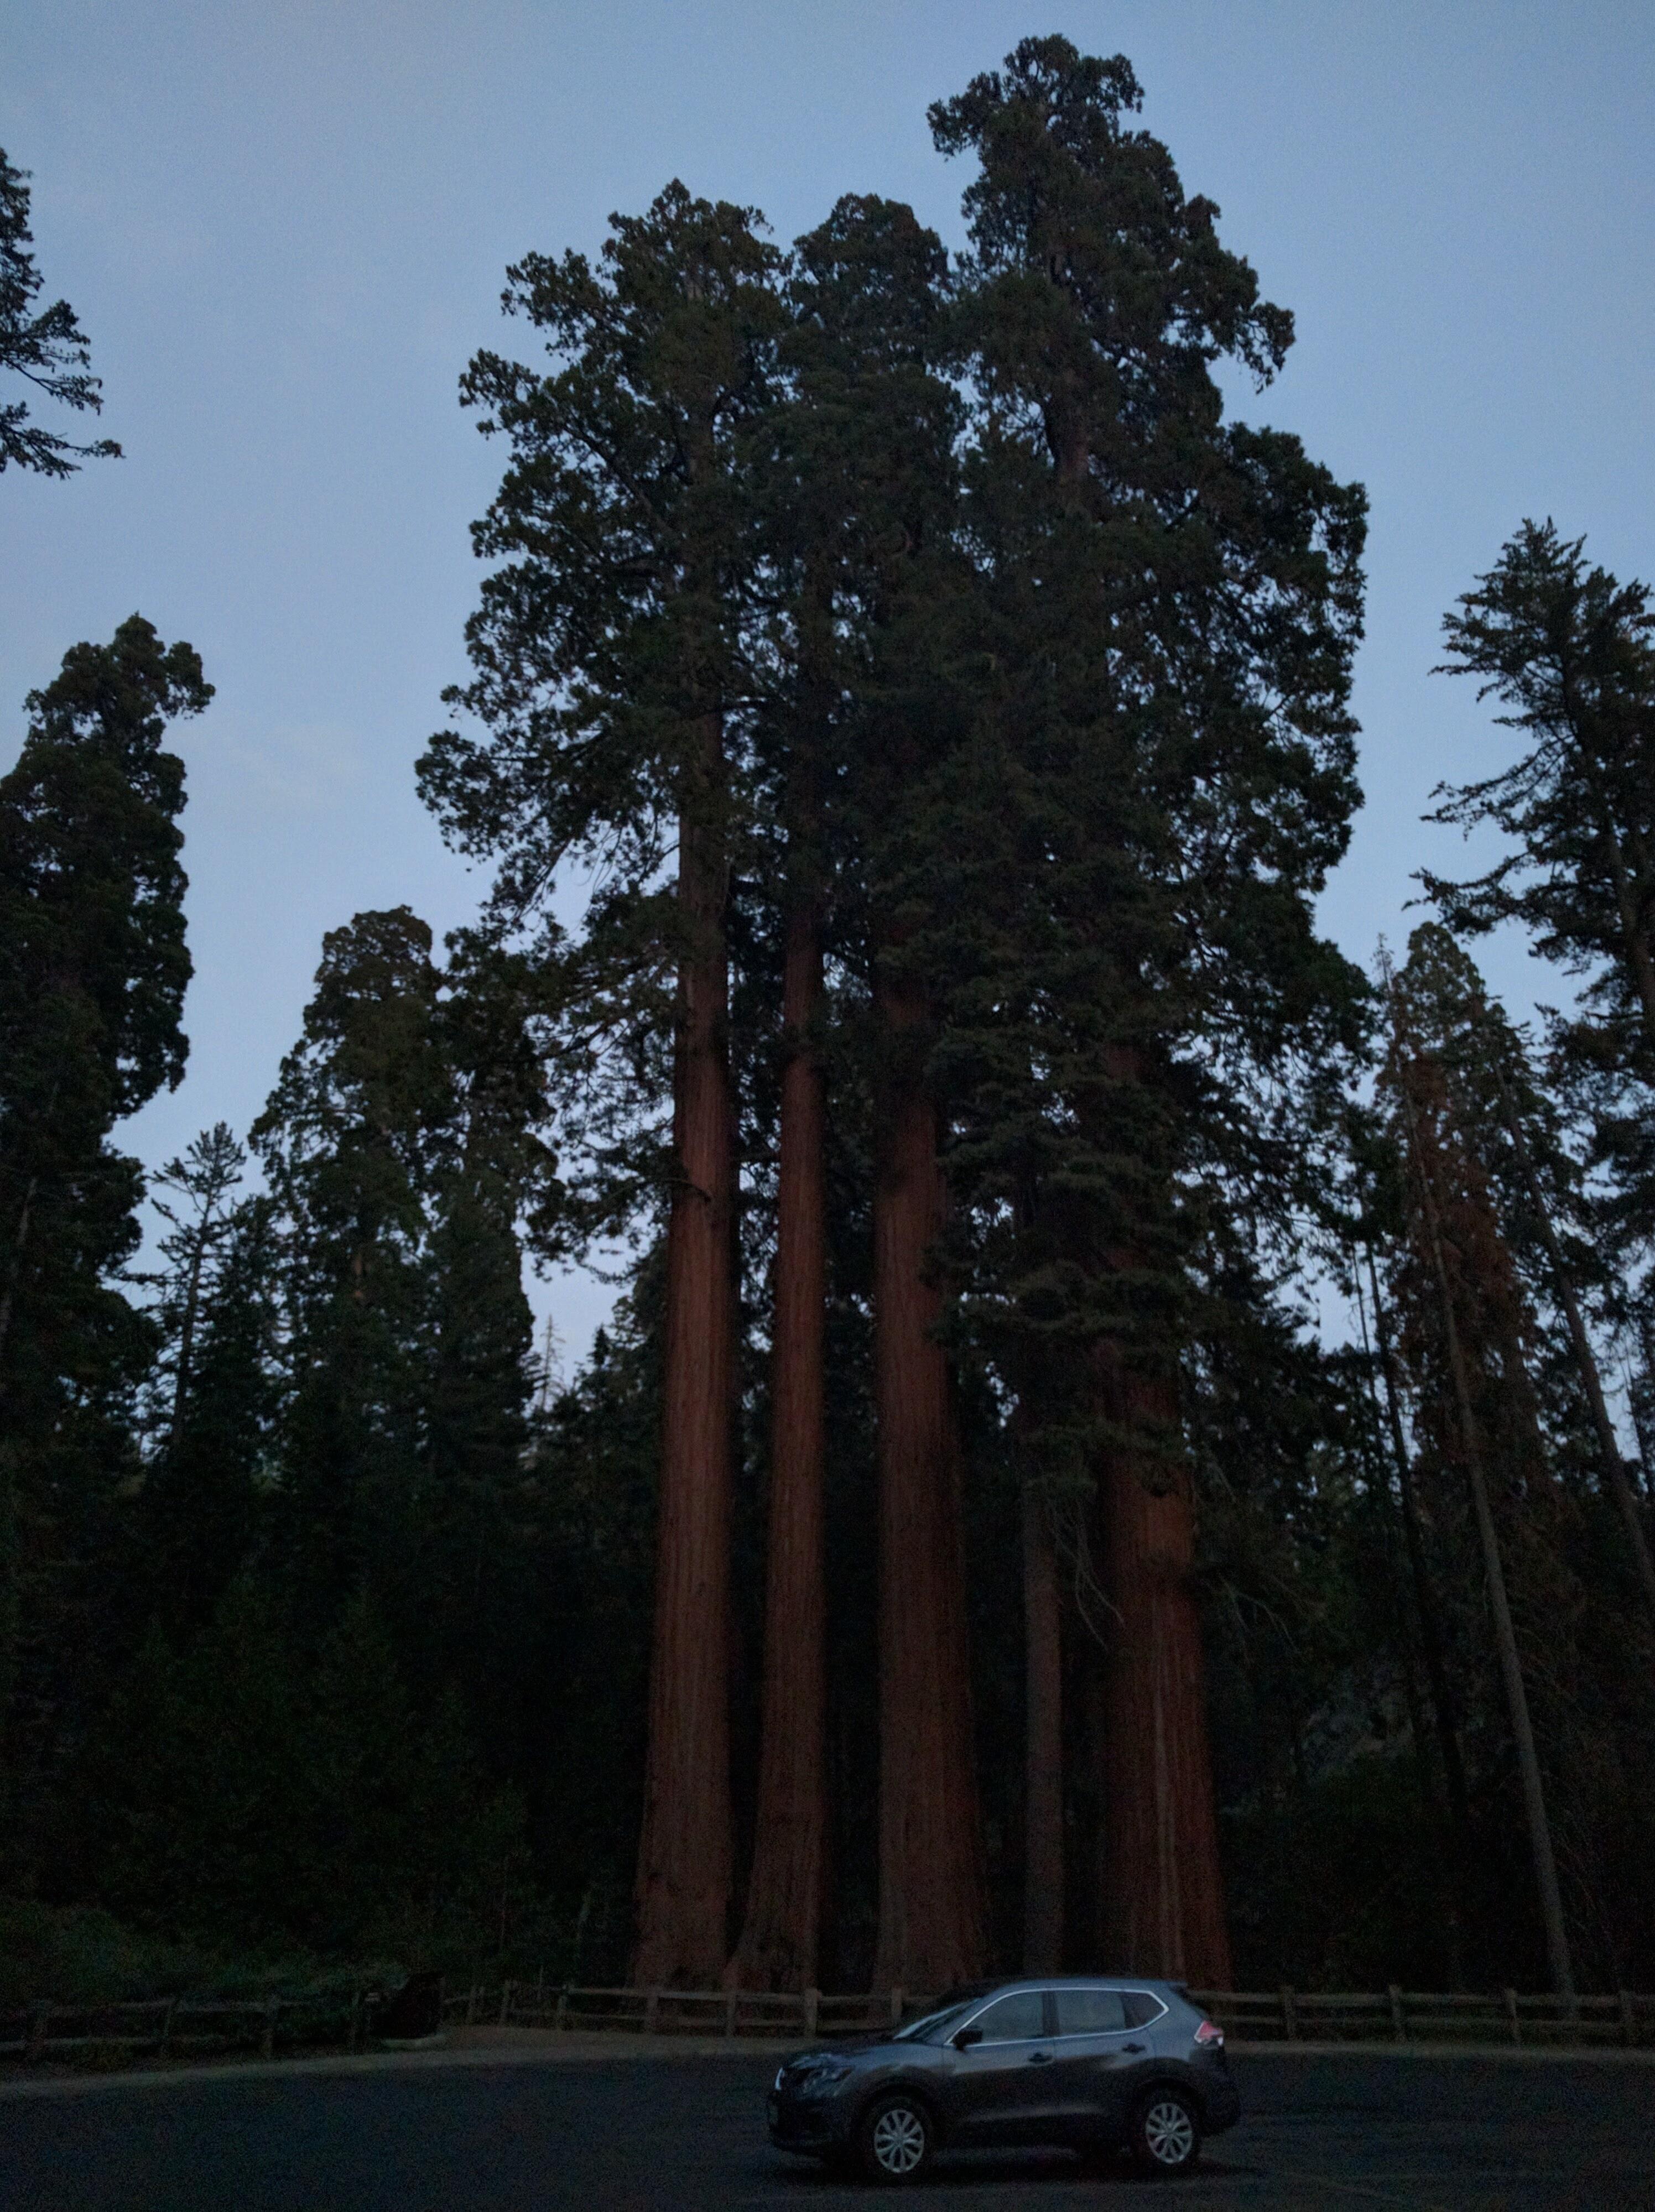 160921_bakersfield_049_sequoia